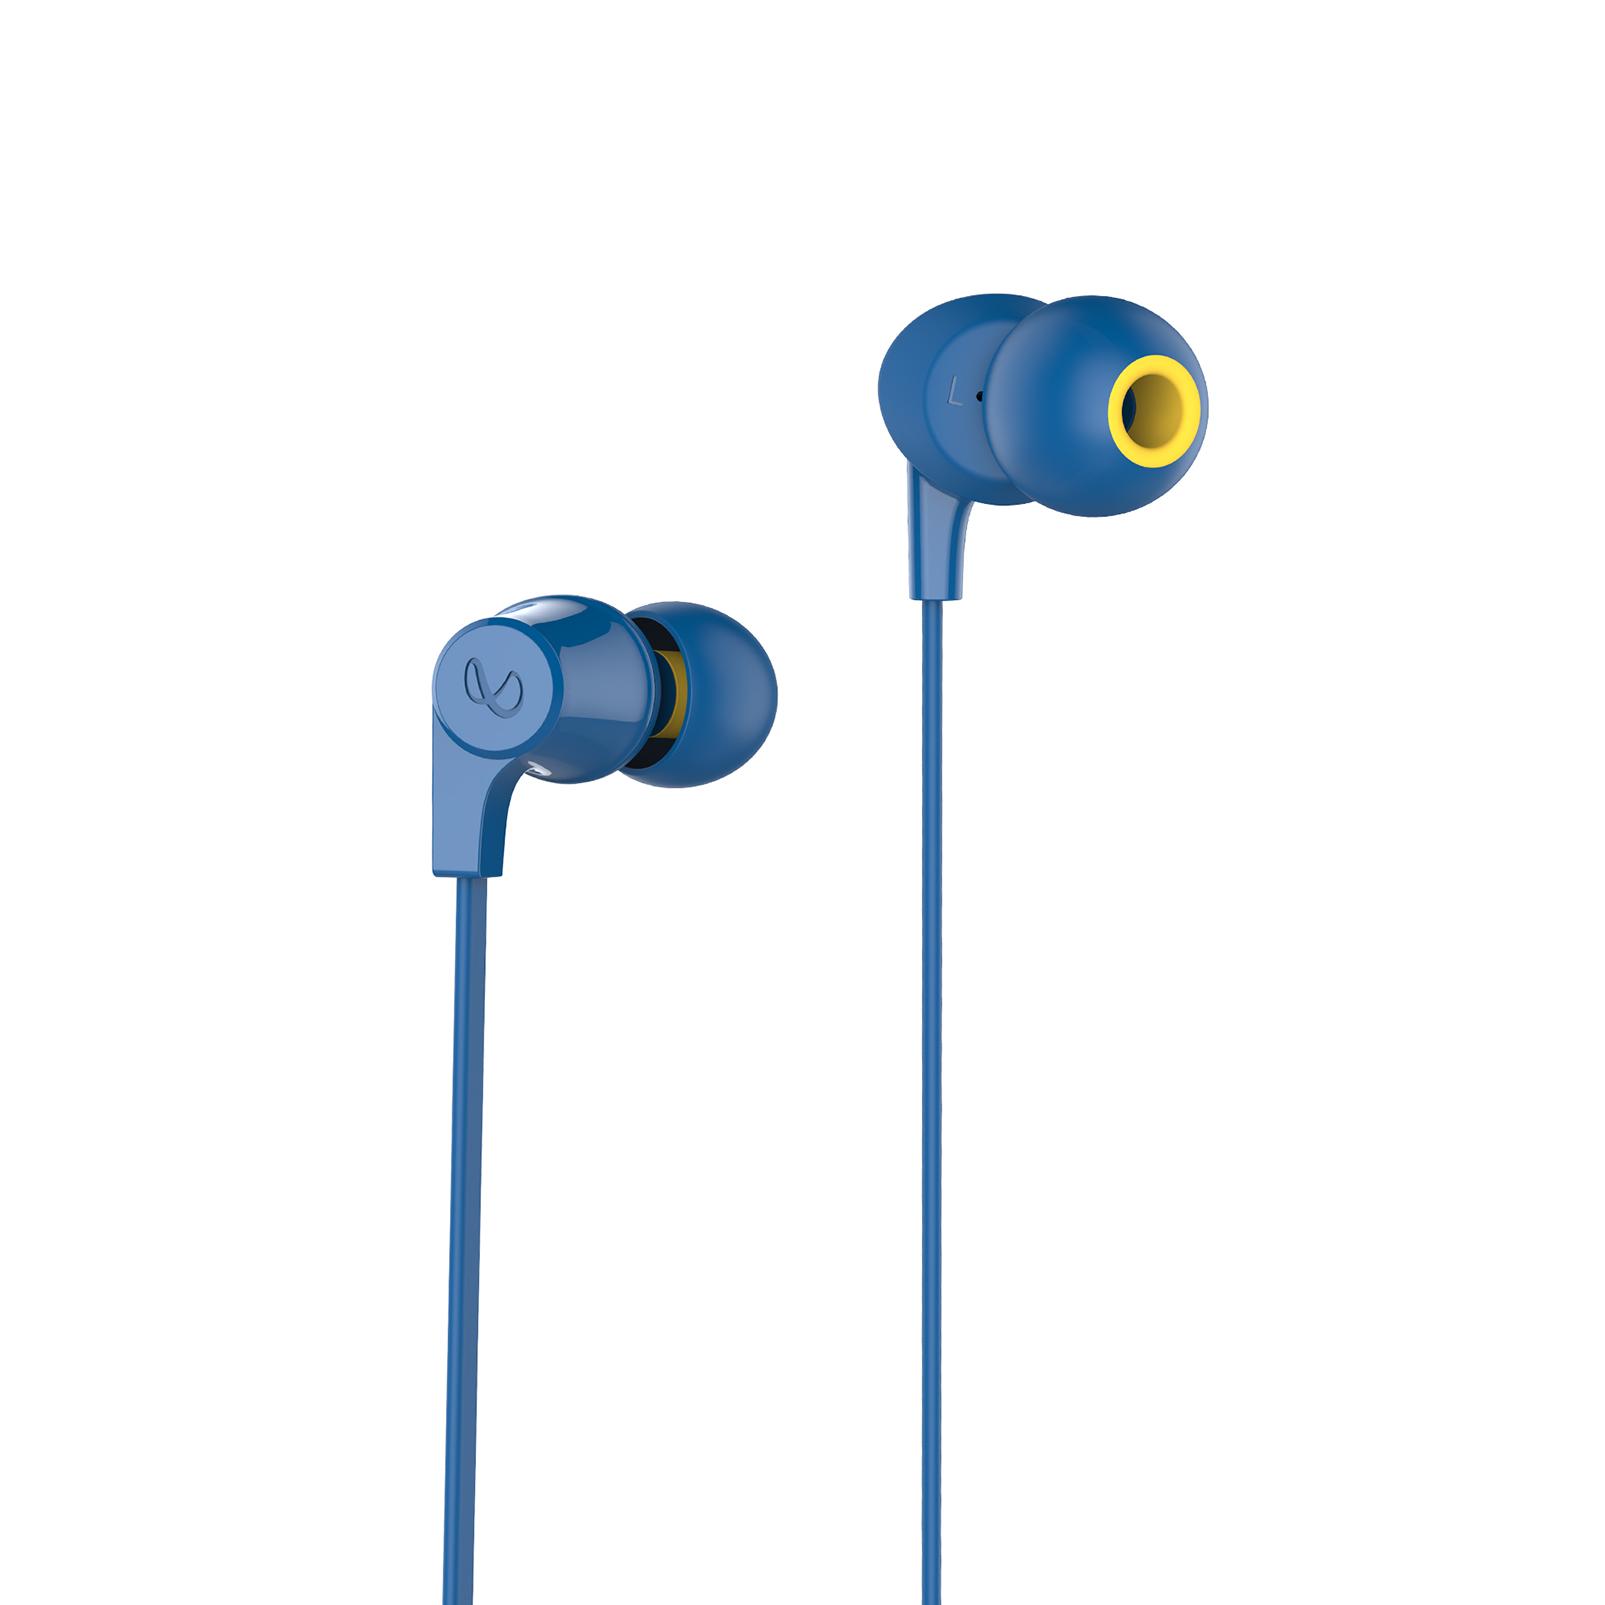 INFINITY GLIDE 105 - Blue - In-Ear Wireless Headphones - Front